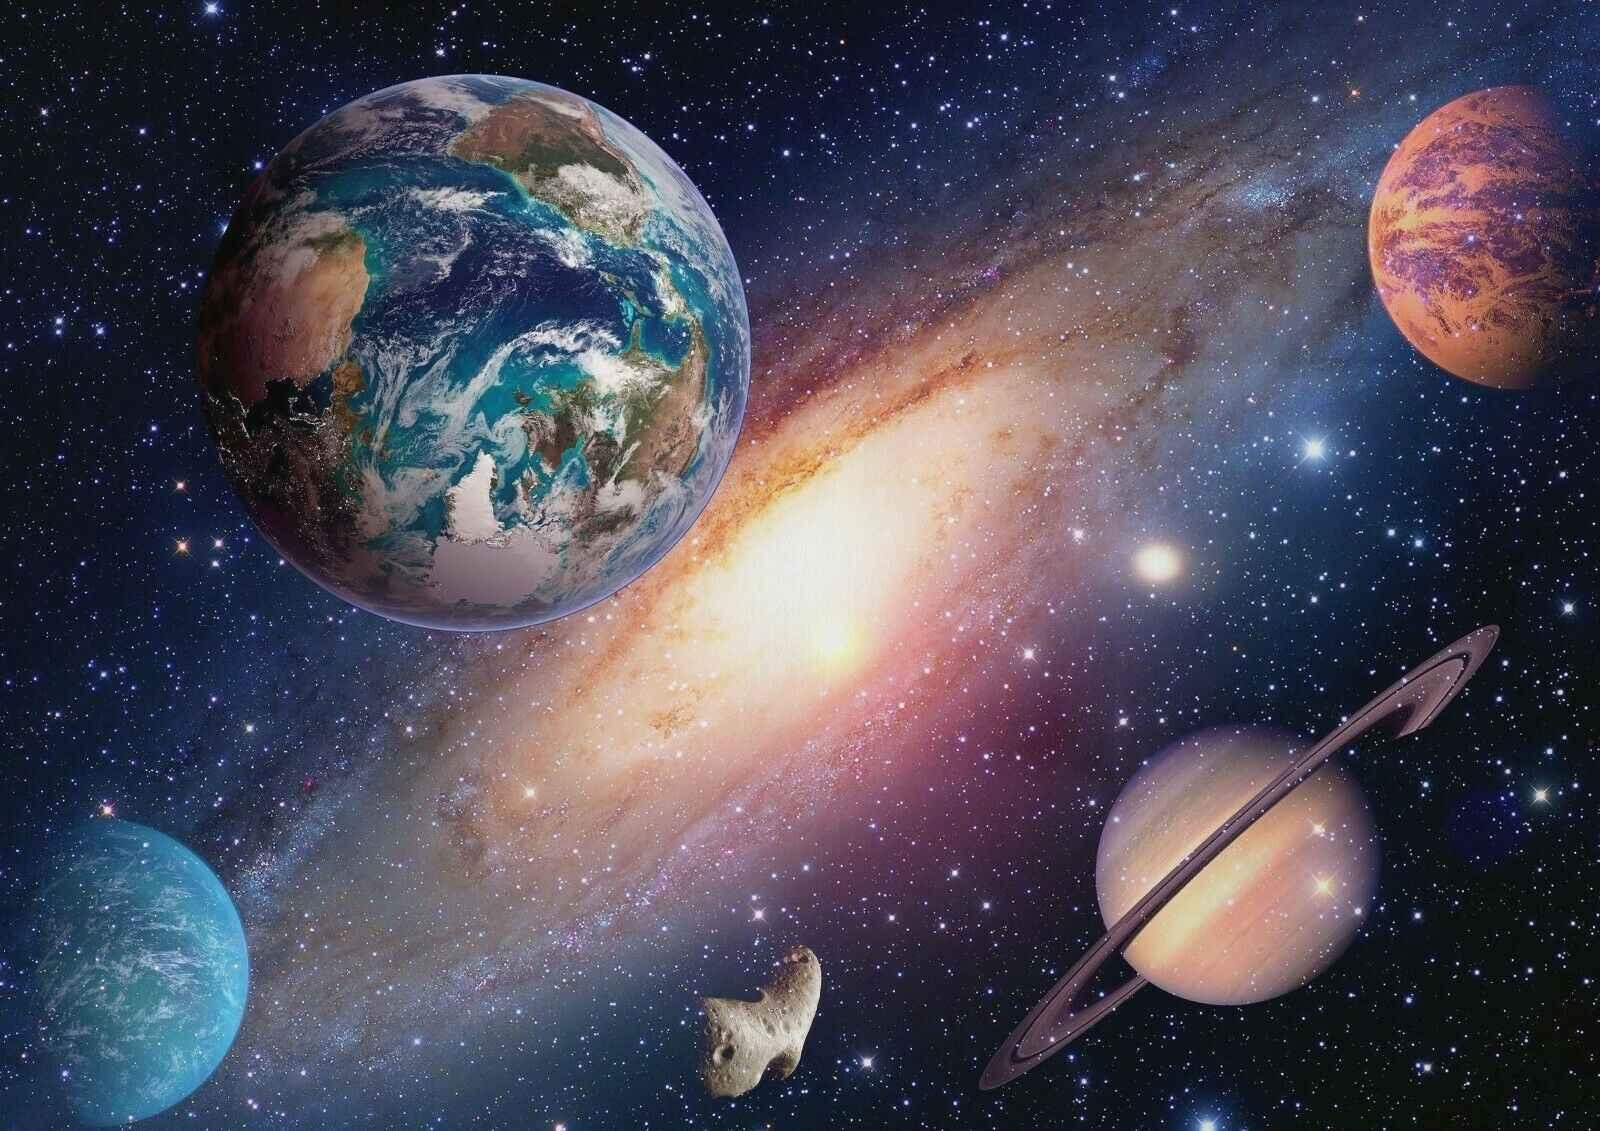 создание картинок космос находится